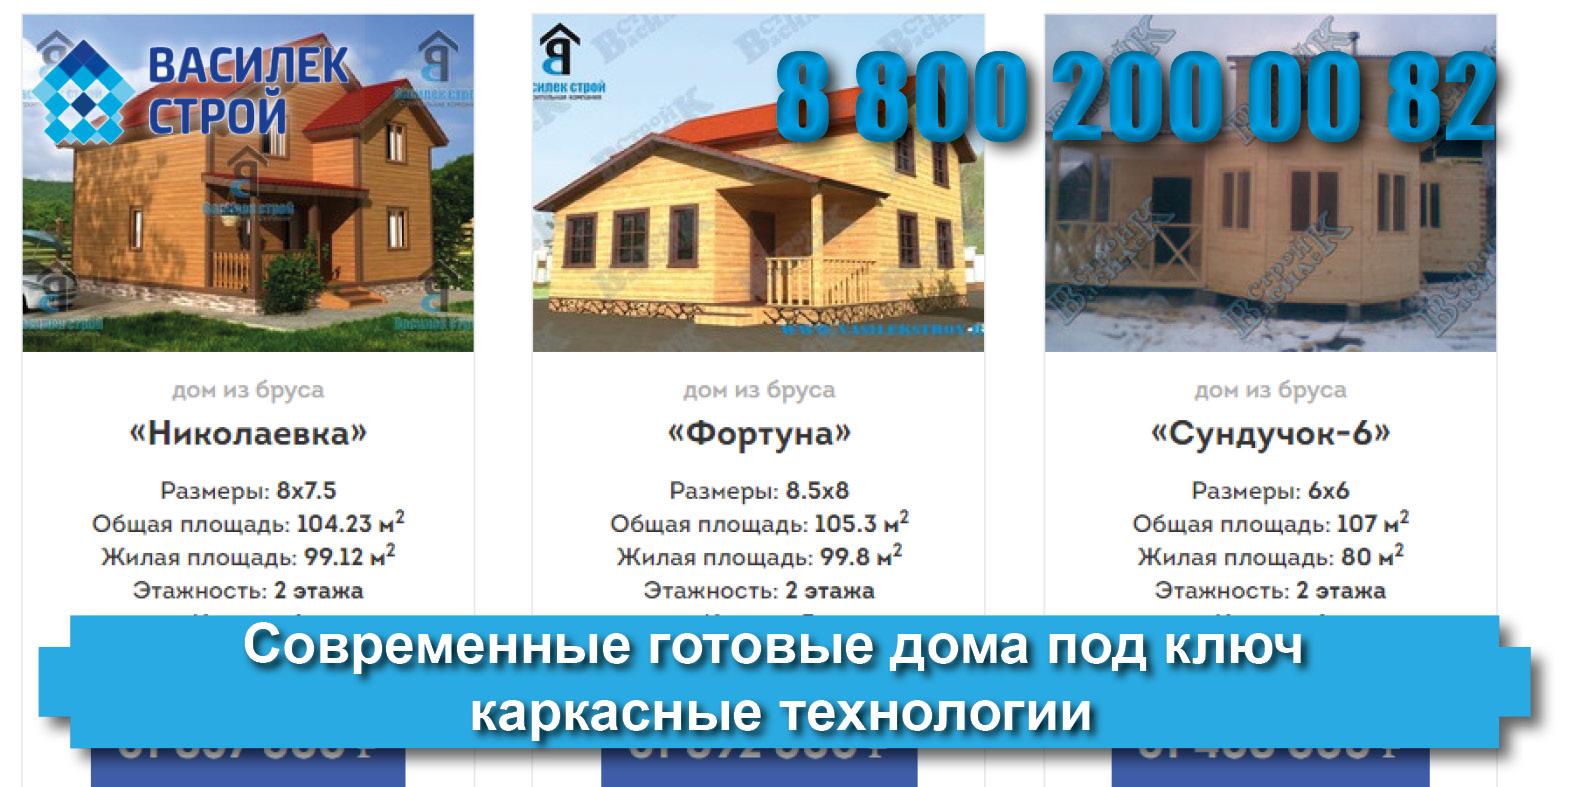 Продажа готовых домов под ключ и предоставление бесплатных готовых проектов домов под ключ: как построить дома под ключ недорого